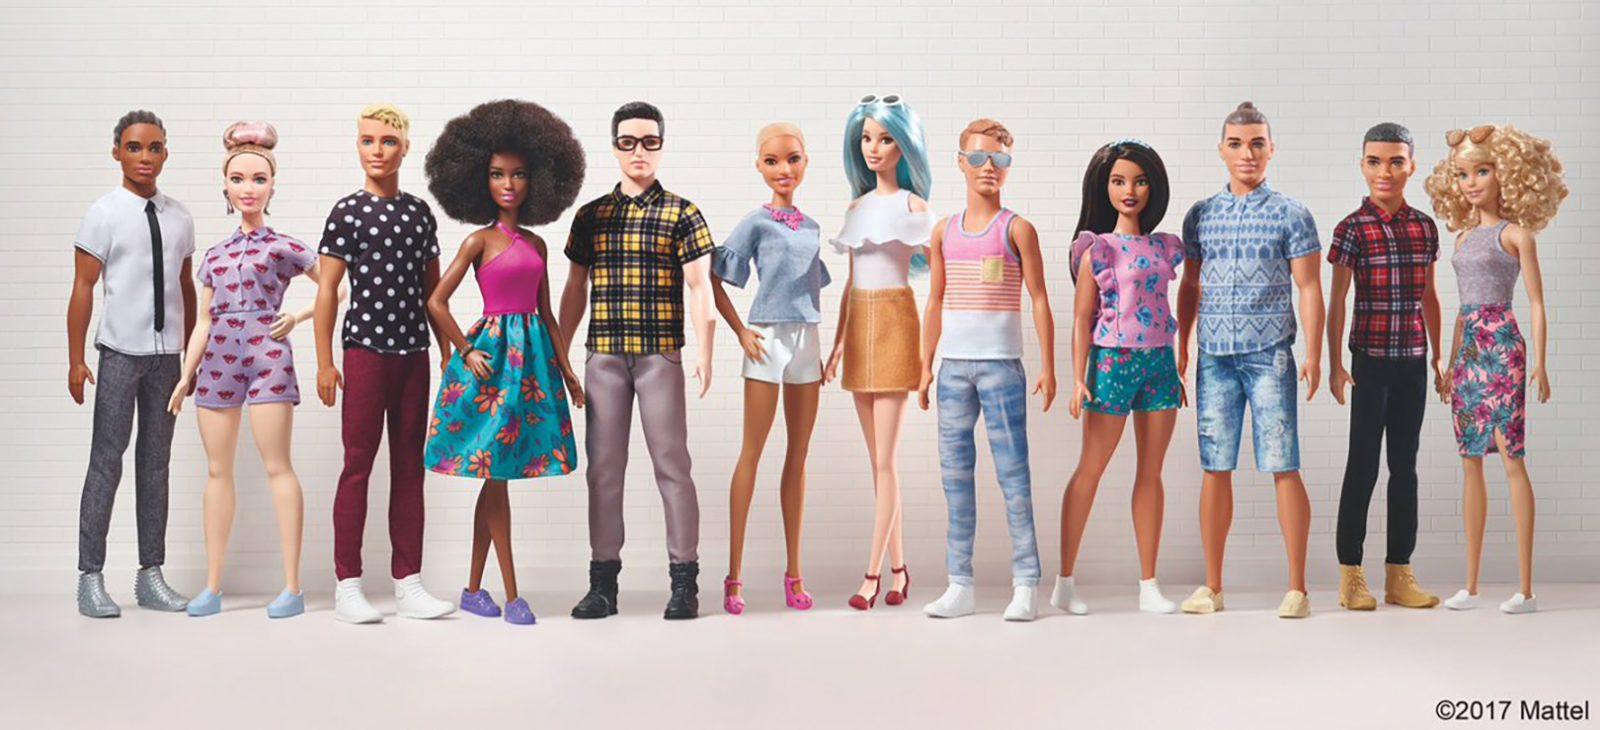 manbun-barbie-1